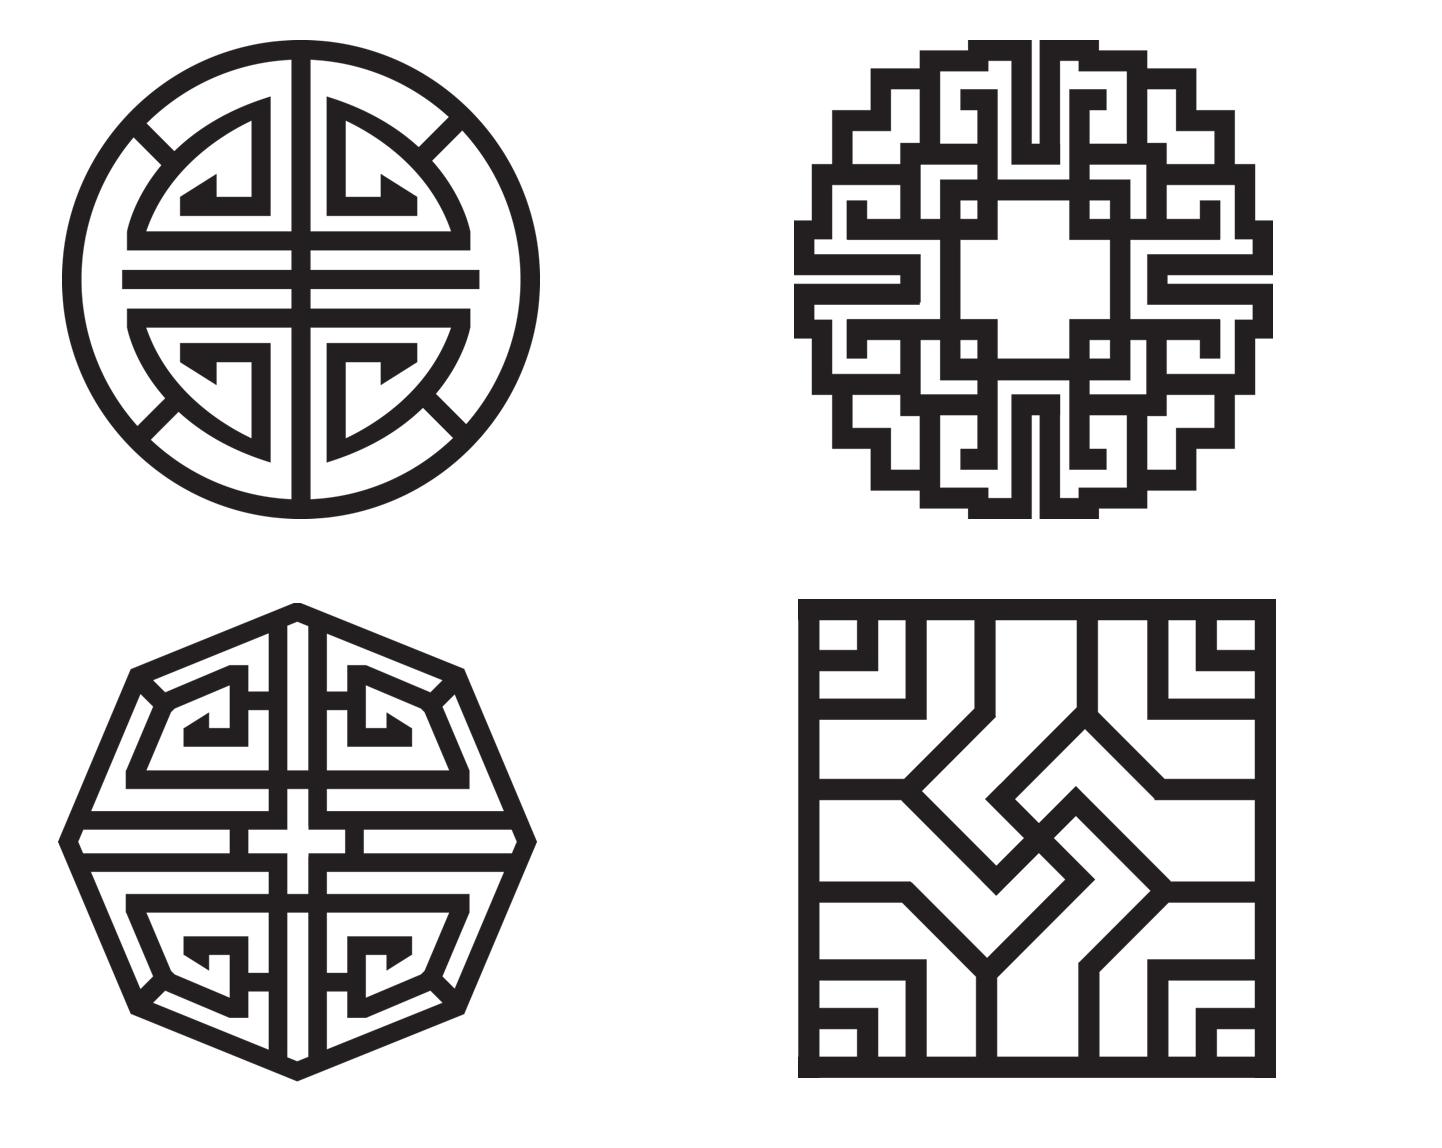 MEDIAN Don Steward mathematics teaching: Korean symbol ...